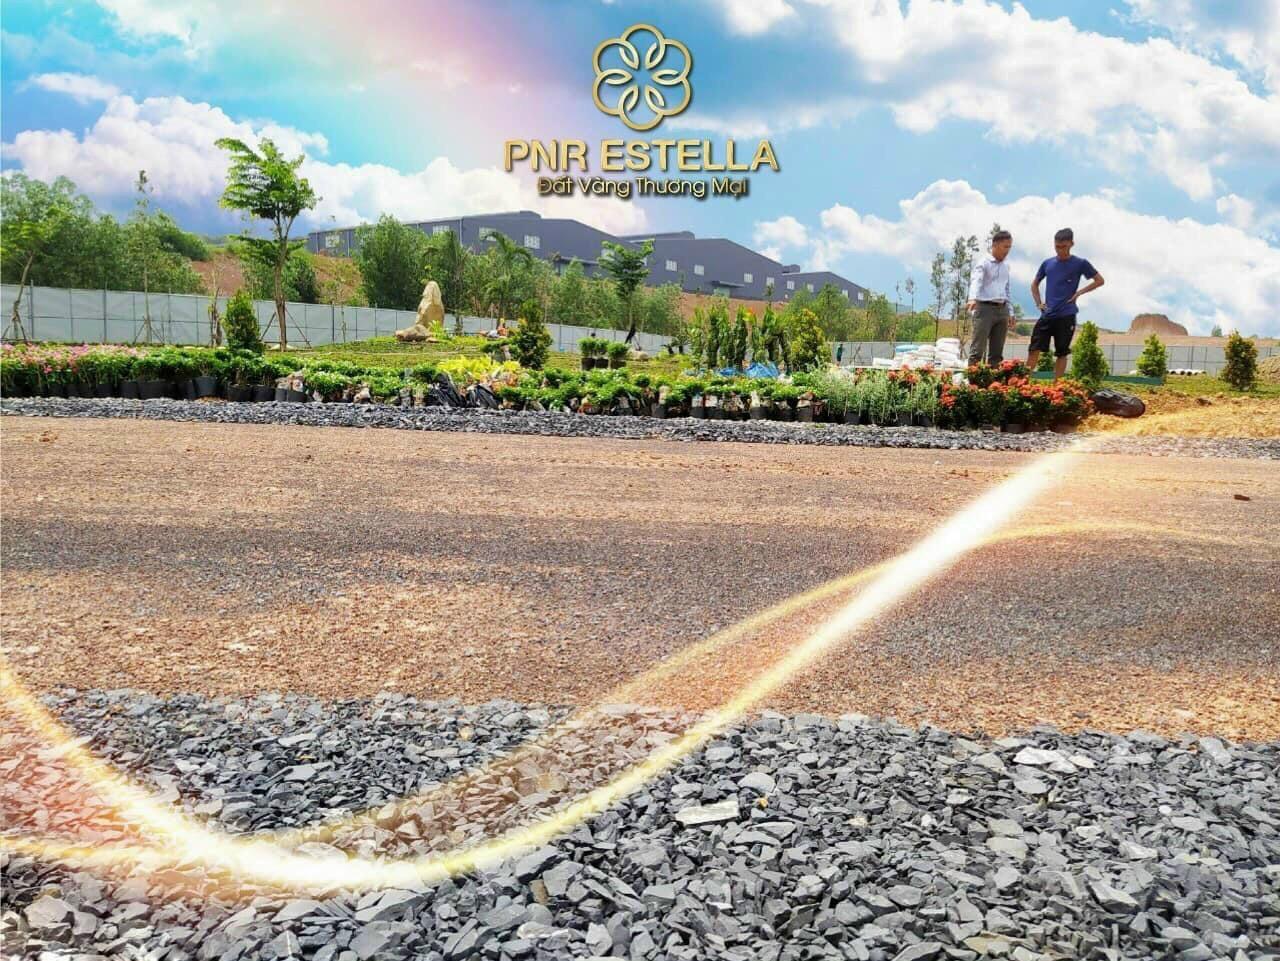 dự án pn estella sông mây, đất nền vĩnh cửu đồng nai, nhà phố pn estella, đất nền pn estella, khu đô thị pn estella